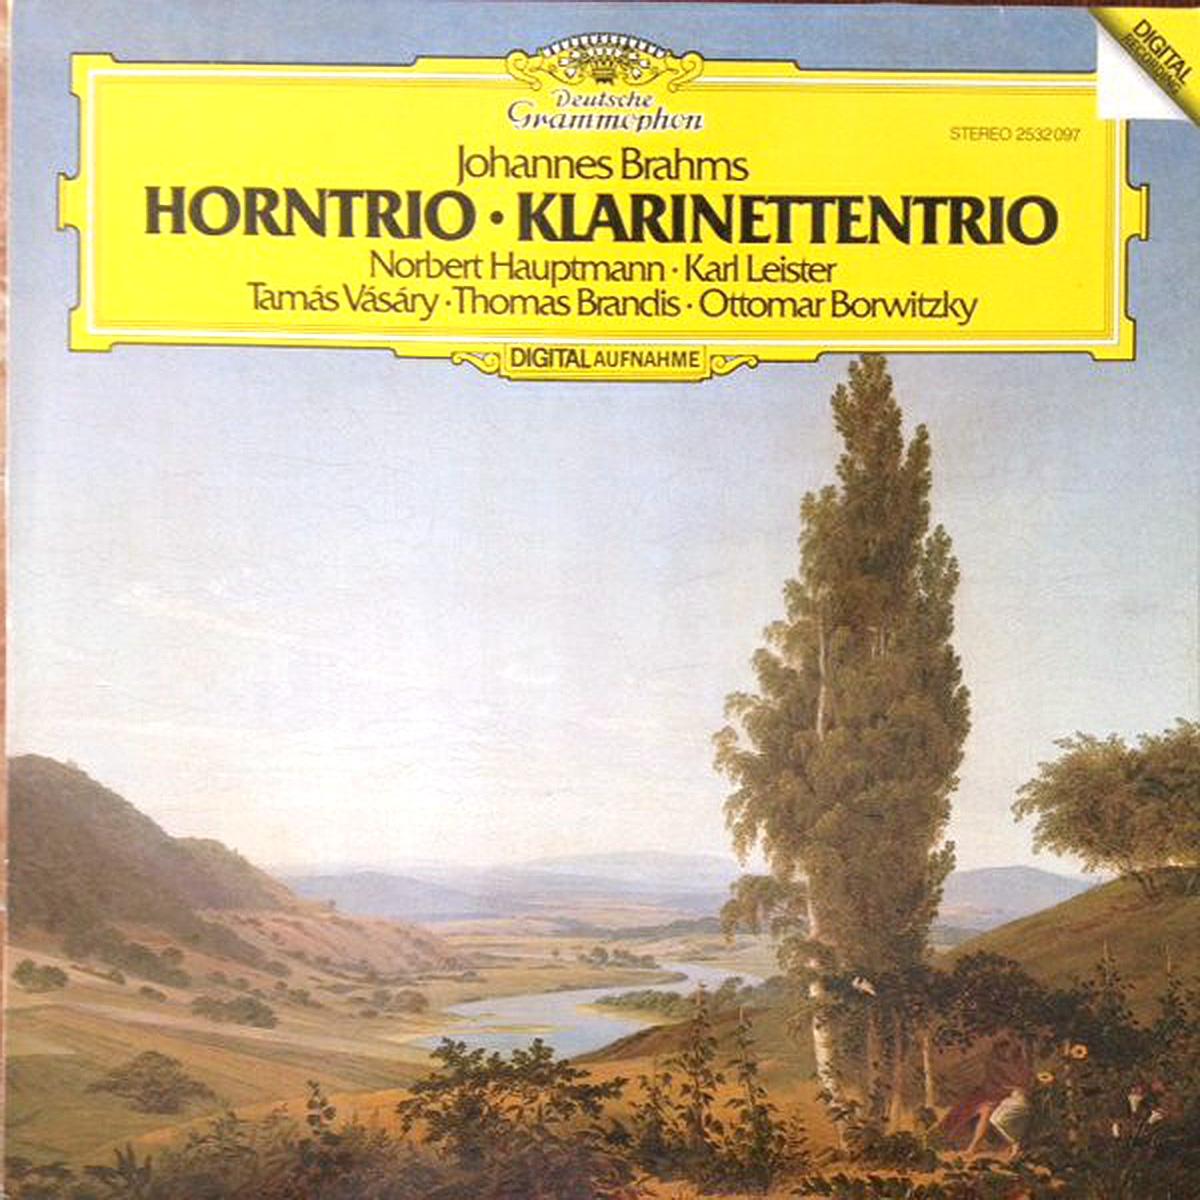 DGG 2532097_Brahms Trio Cor Clarinette